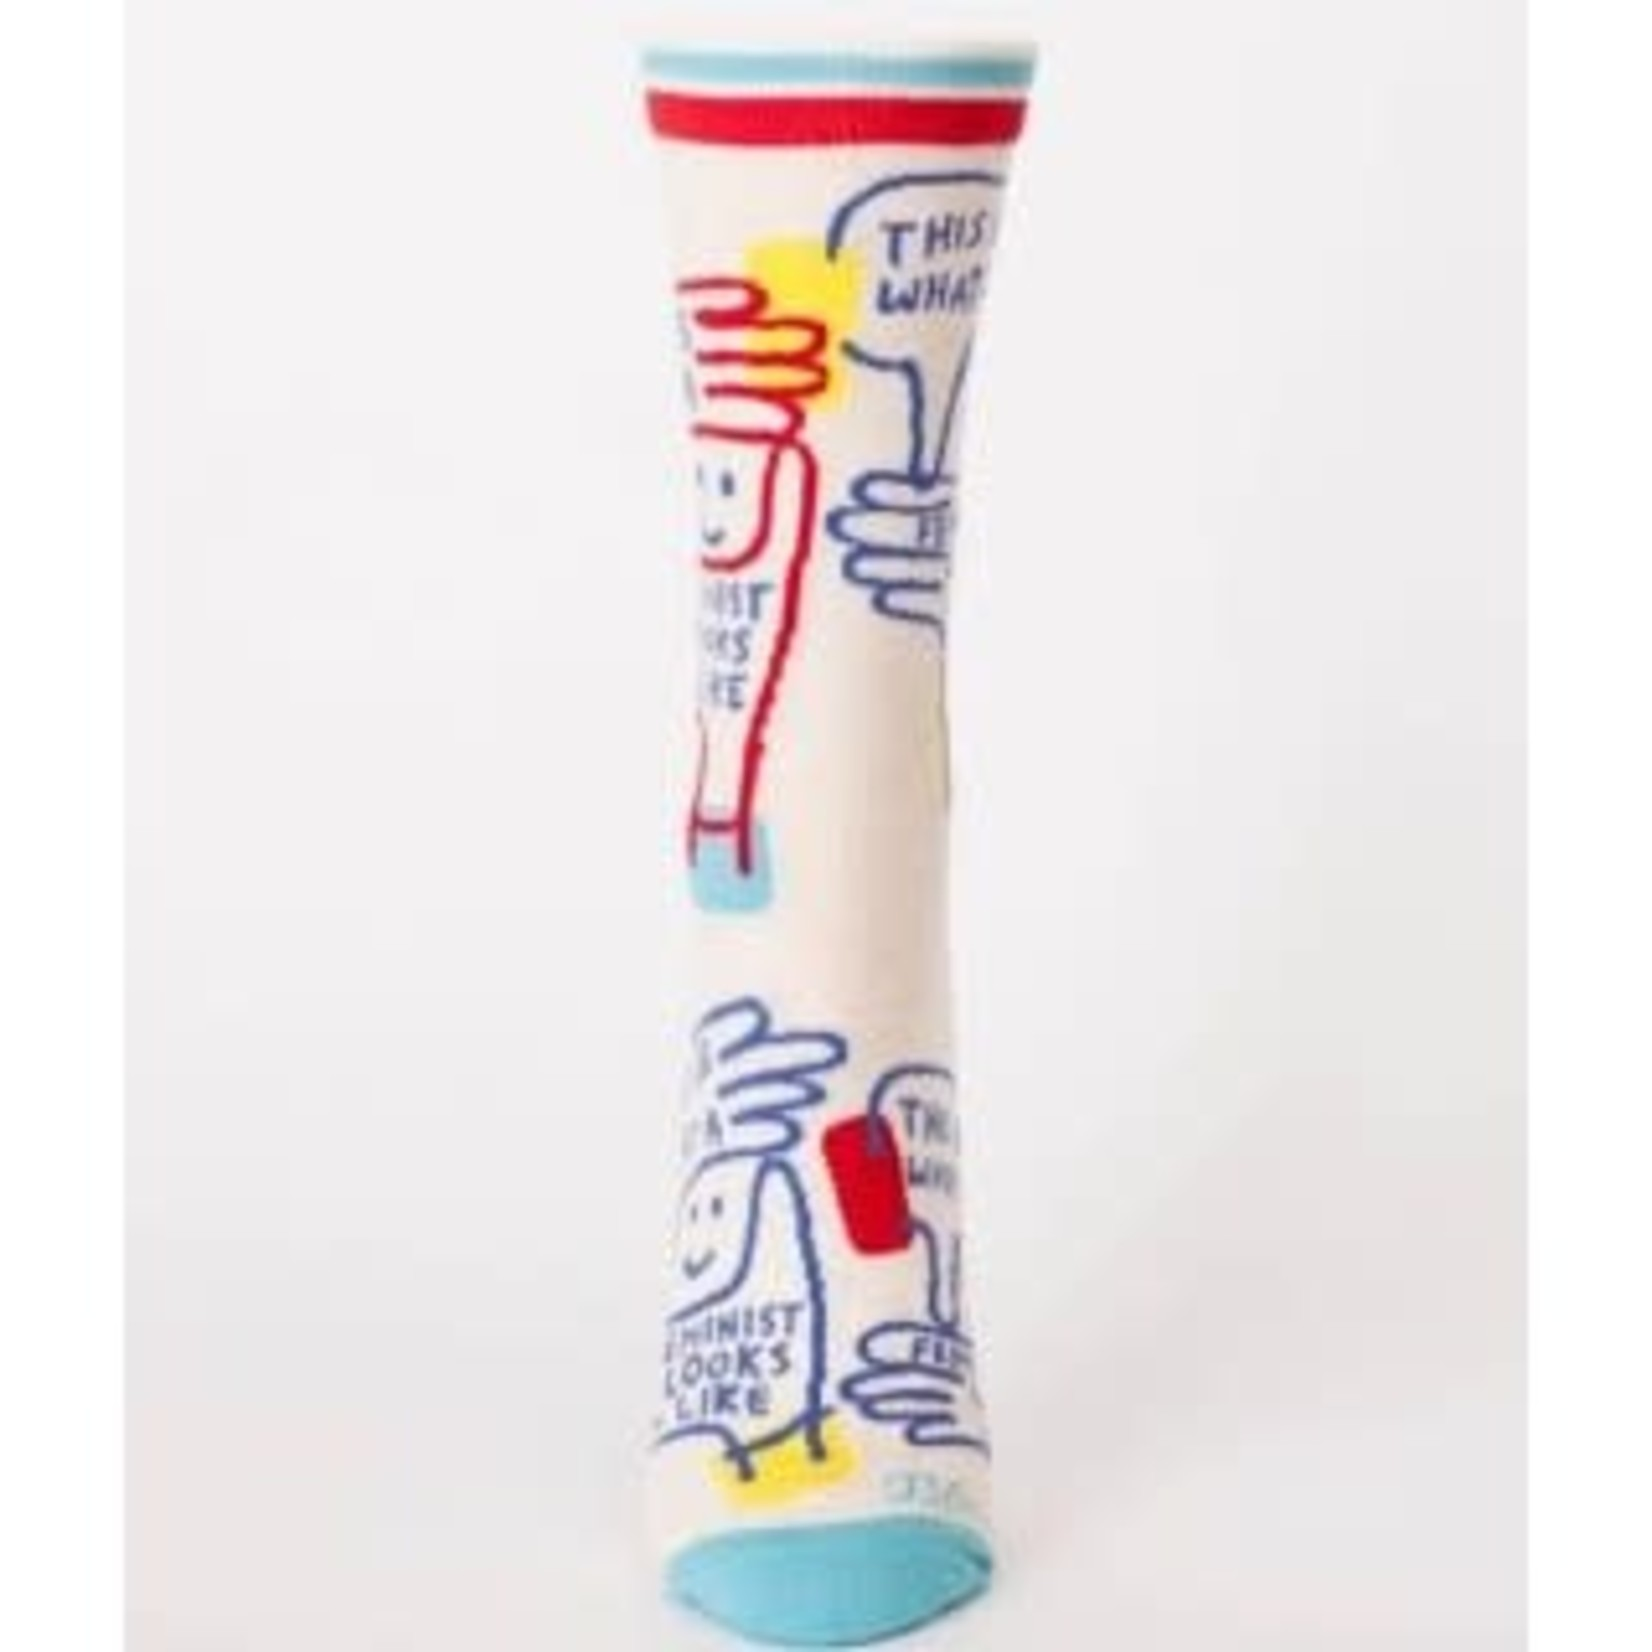 Socks (Womens) - Feminist Looks Like